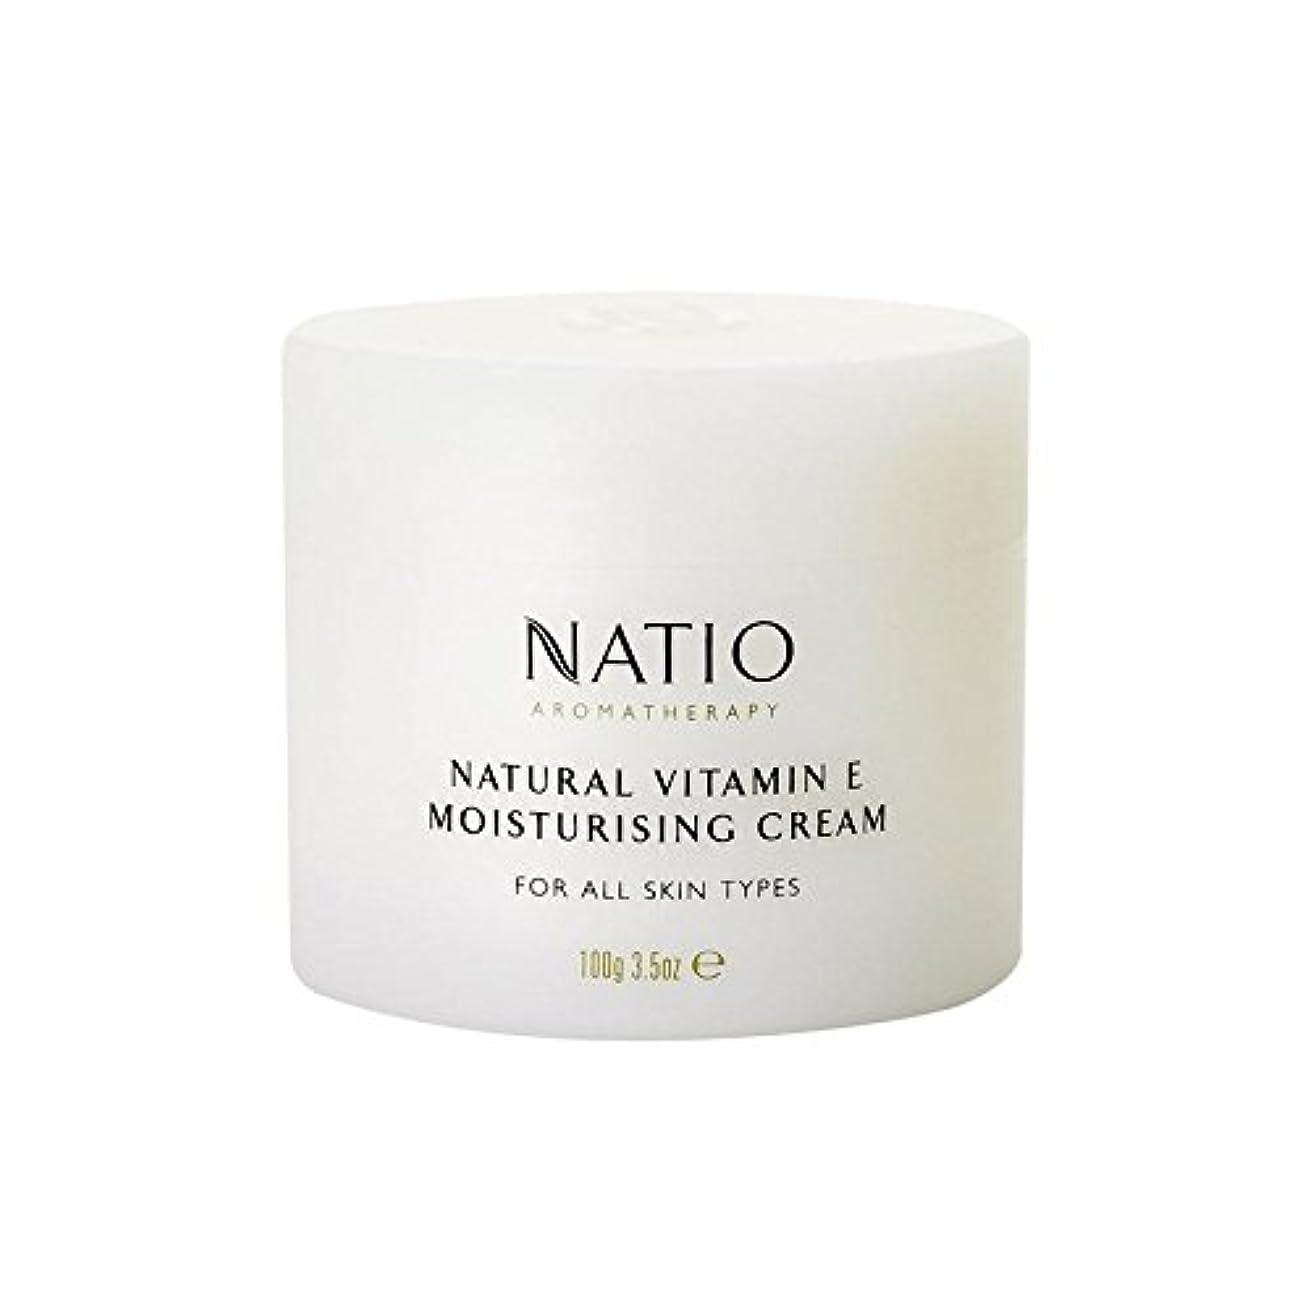 シーフード影響するアナリスト[Natio] Natio天然ビタミンEの保湿クリーム(100グラム) - Natio Natural Vitamin E Moisturising Cream (100G) [並行輸入品]